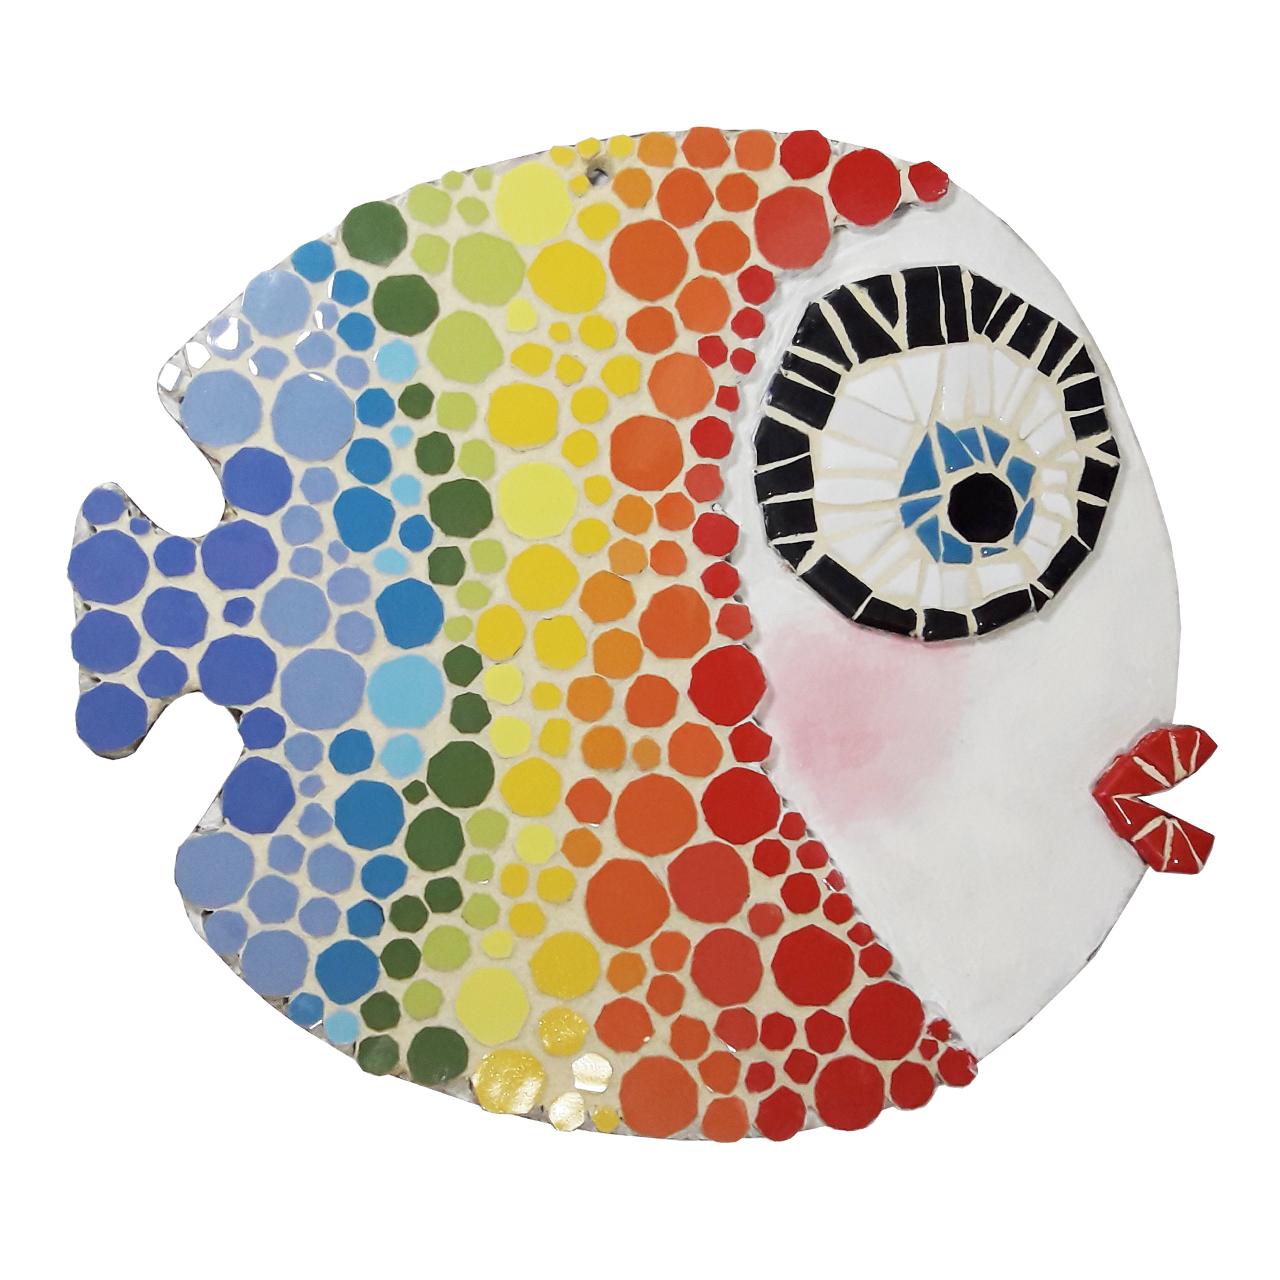 تابلو کاشی کاری طرح ماهی رنگین کمانی کد MA-2-01